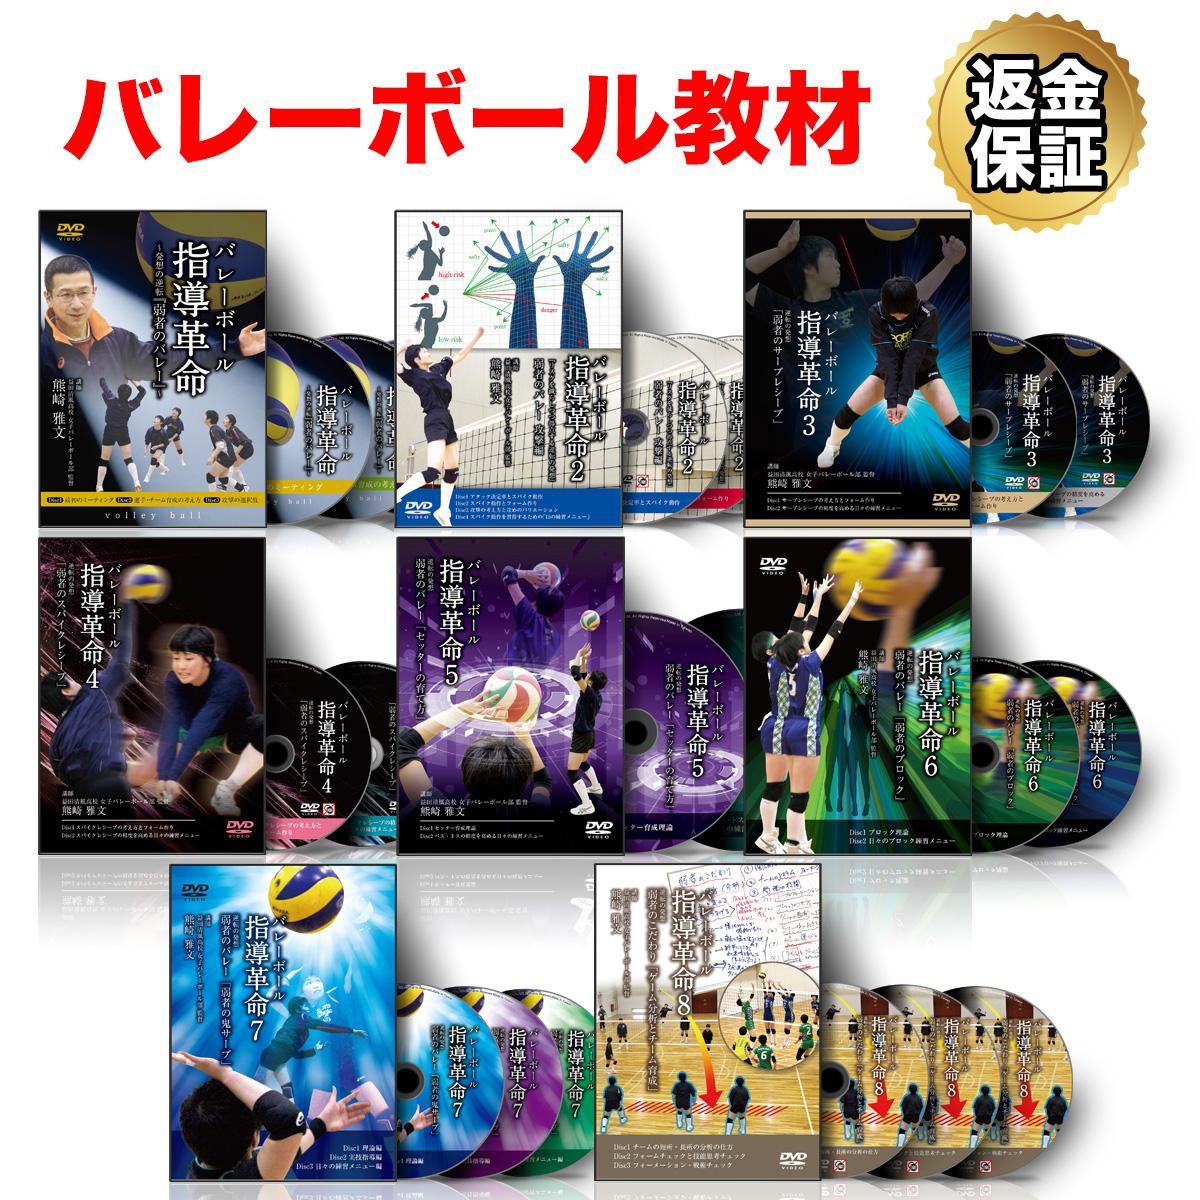 【バレーボール】バレーボール指導革命1~8 弱者のバレー コンプリートセット